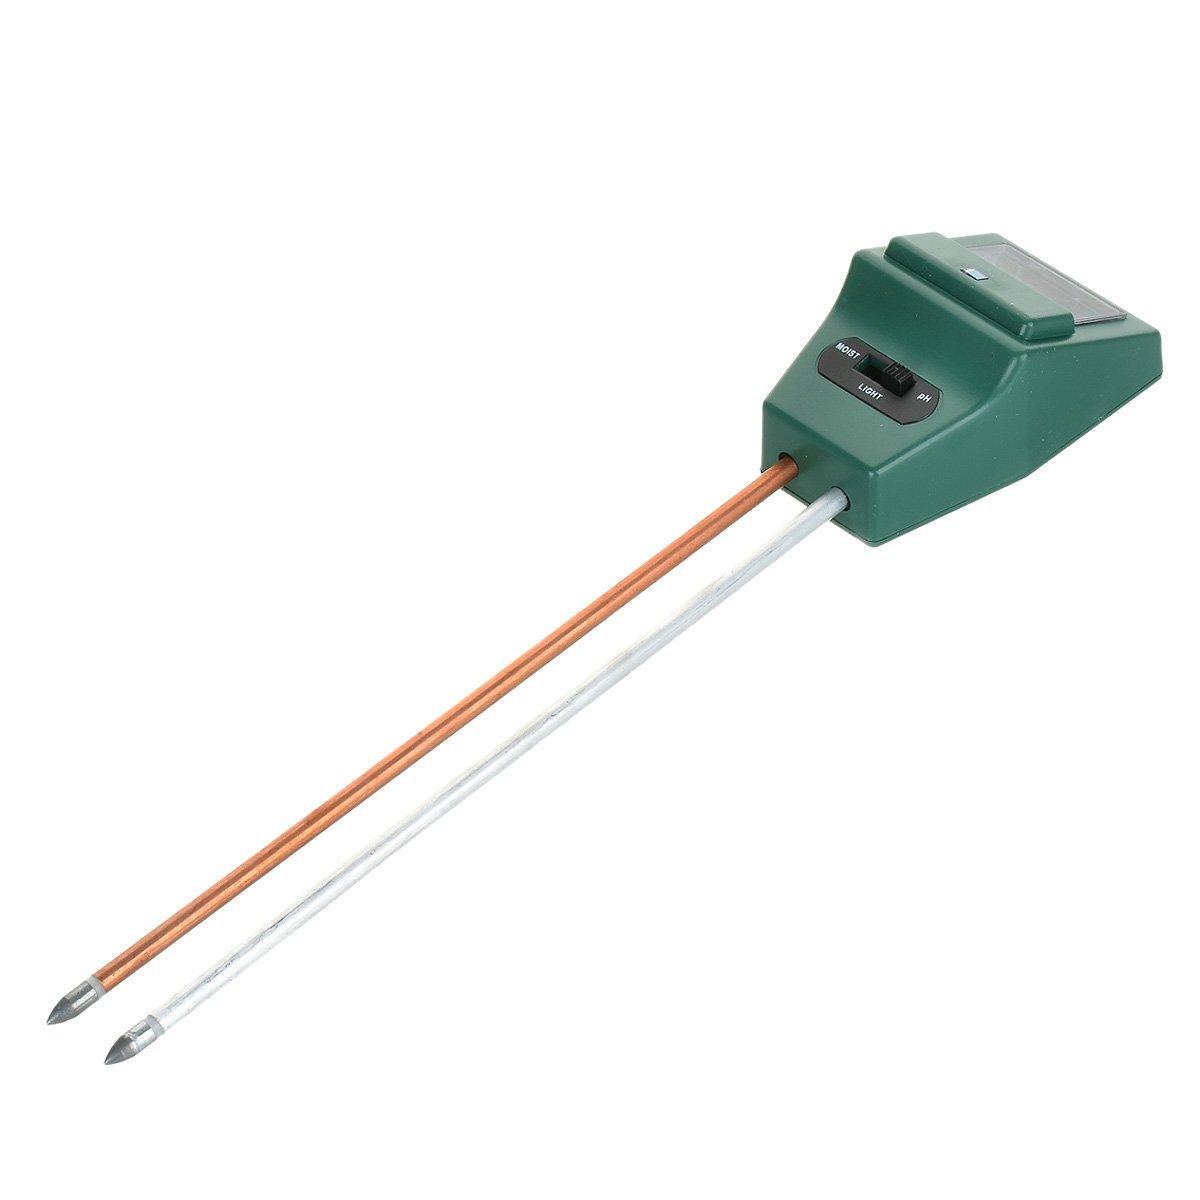 Soil PH Meter Test Kit Moisture, Light & PH Meter For Home And Garden, Lawn, Farm, Plants, Herbs & Gardening